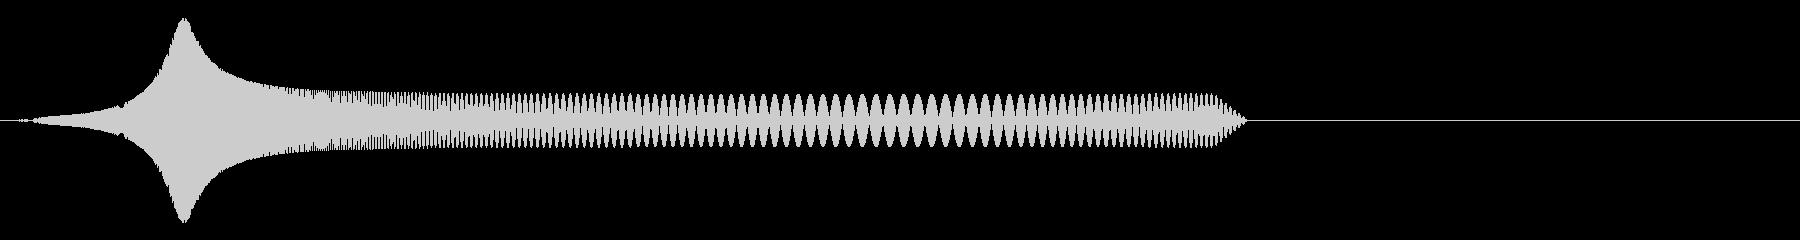 ちゅぽ(パズルゲームや可愛い足音に)の未再生の波形